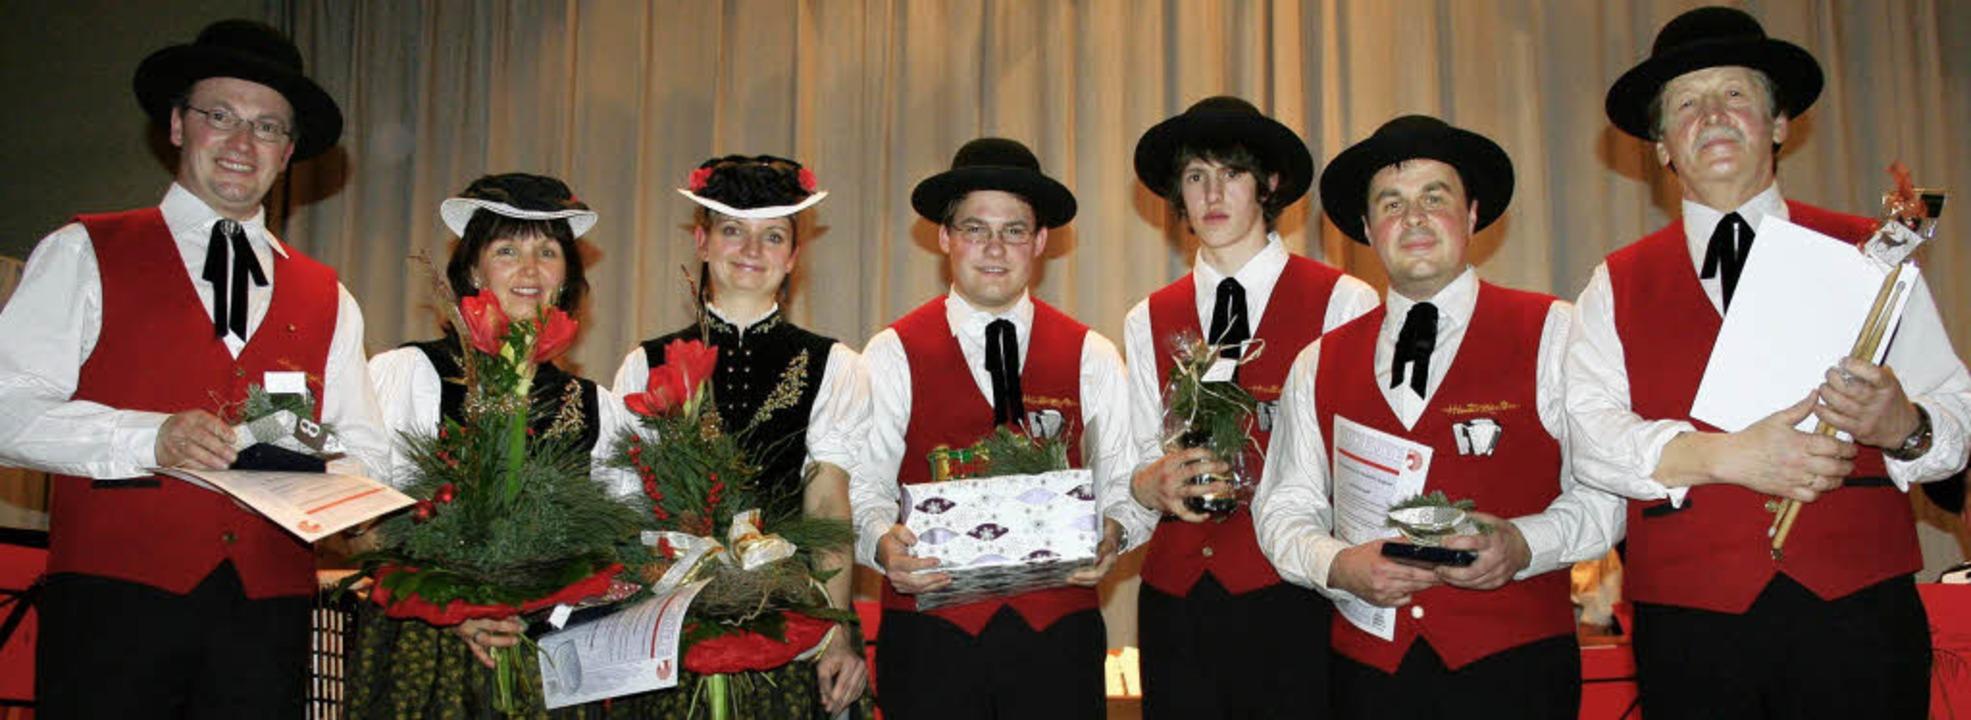 Mit der Ehrenamtsplakette beziehungswe..., Matthias Kapp und Oskar Fehrenbach.   | Foto: Dieter Maurer